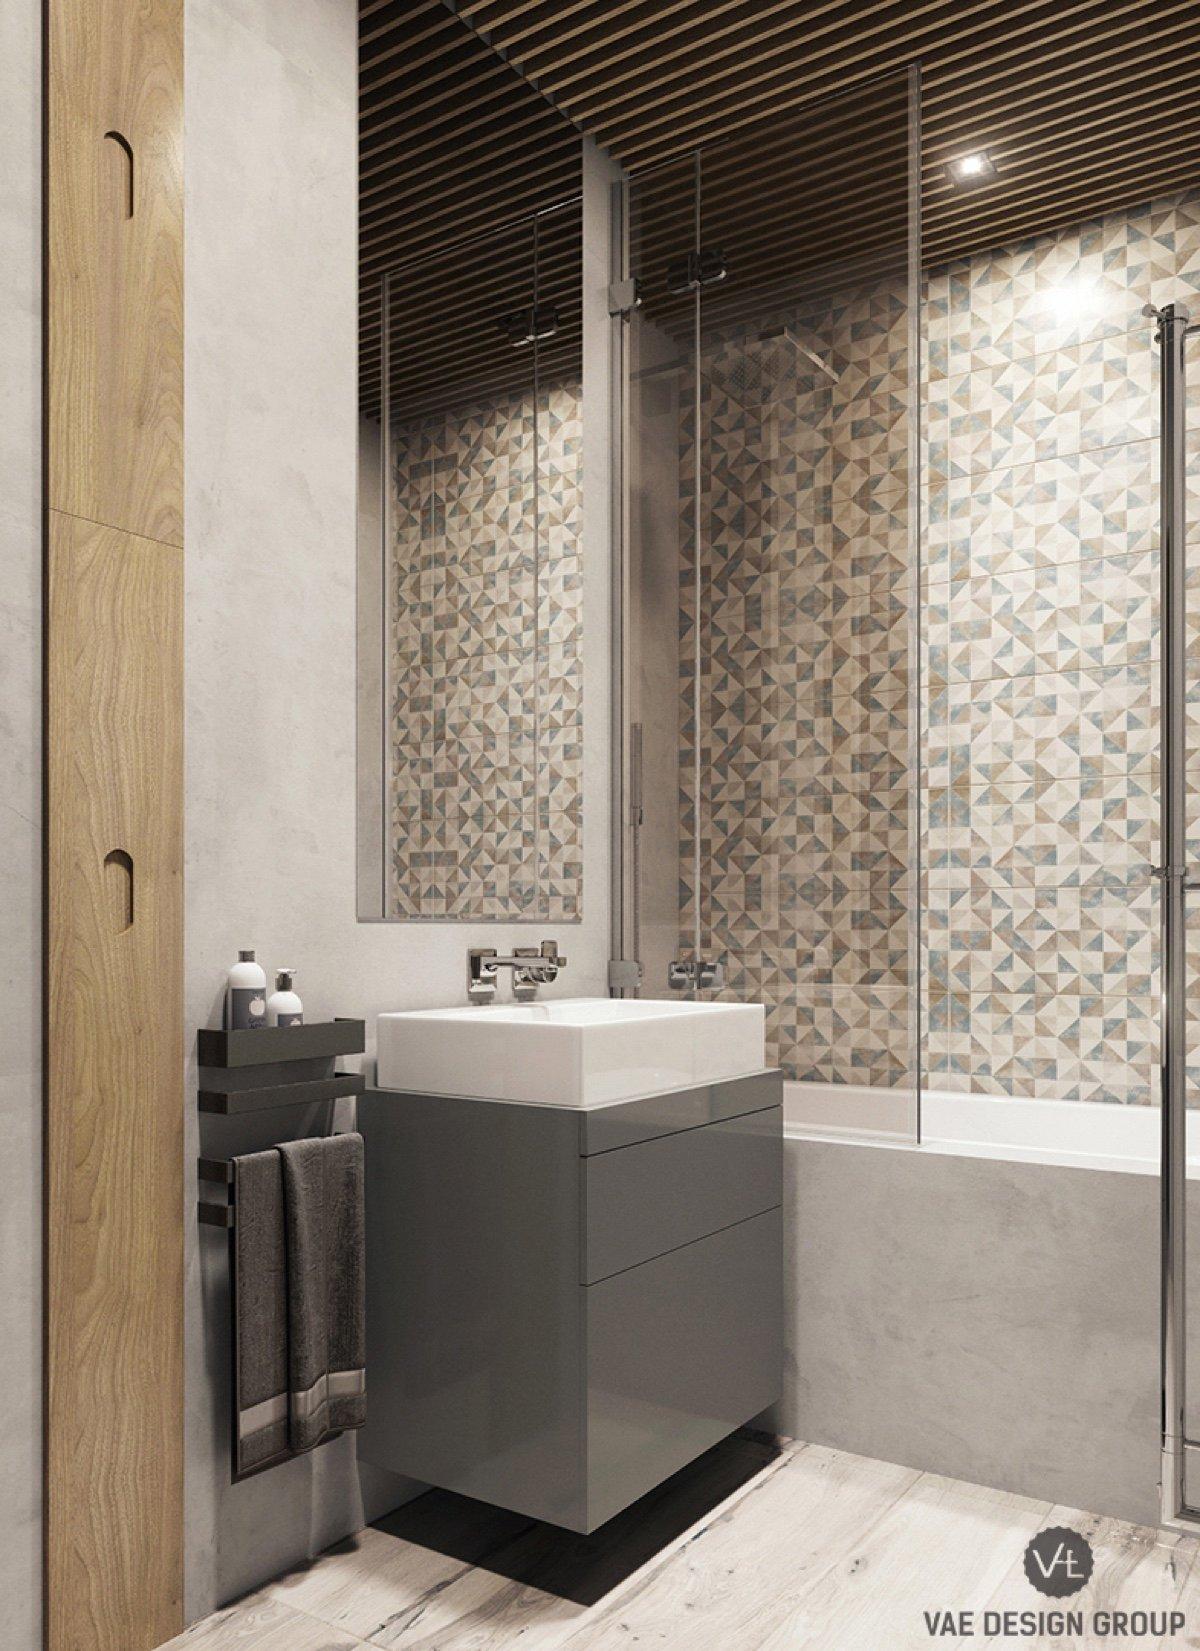 small interior bathroom design